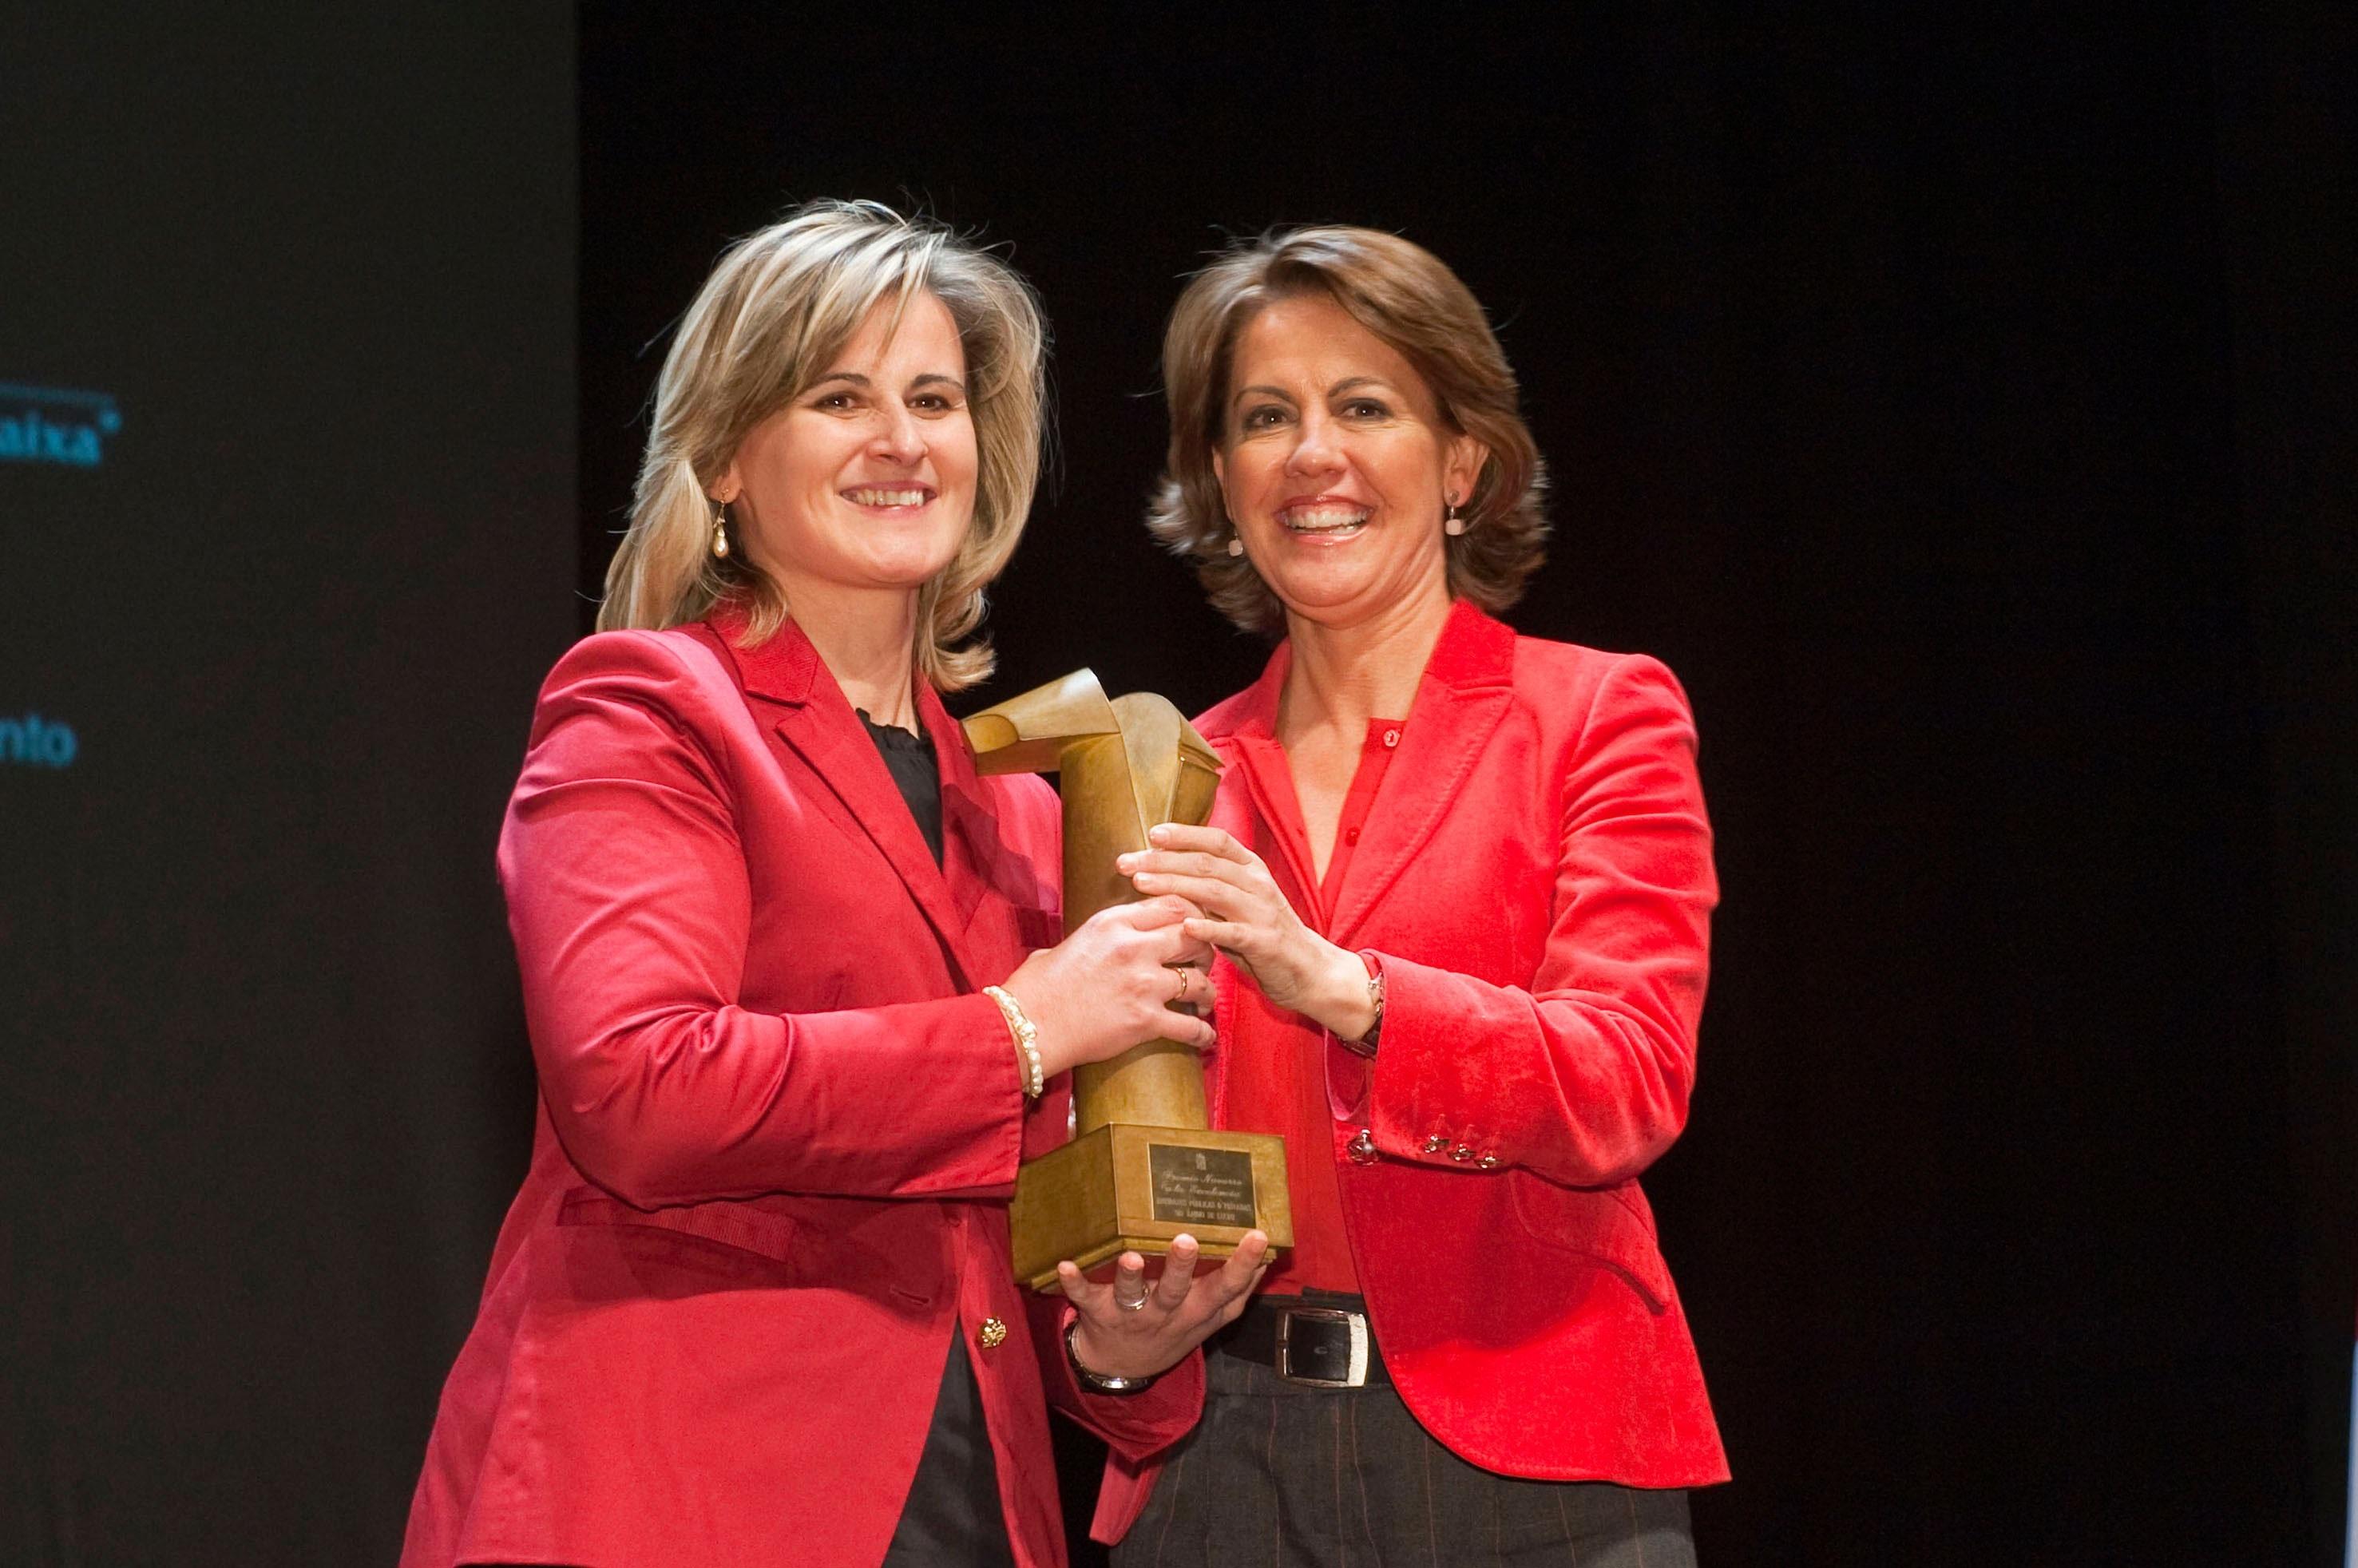 El Premio Navarro a la Excelencia 2013 reconoce al colegio Santa Teresa y a la empresa Pauma S.L.